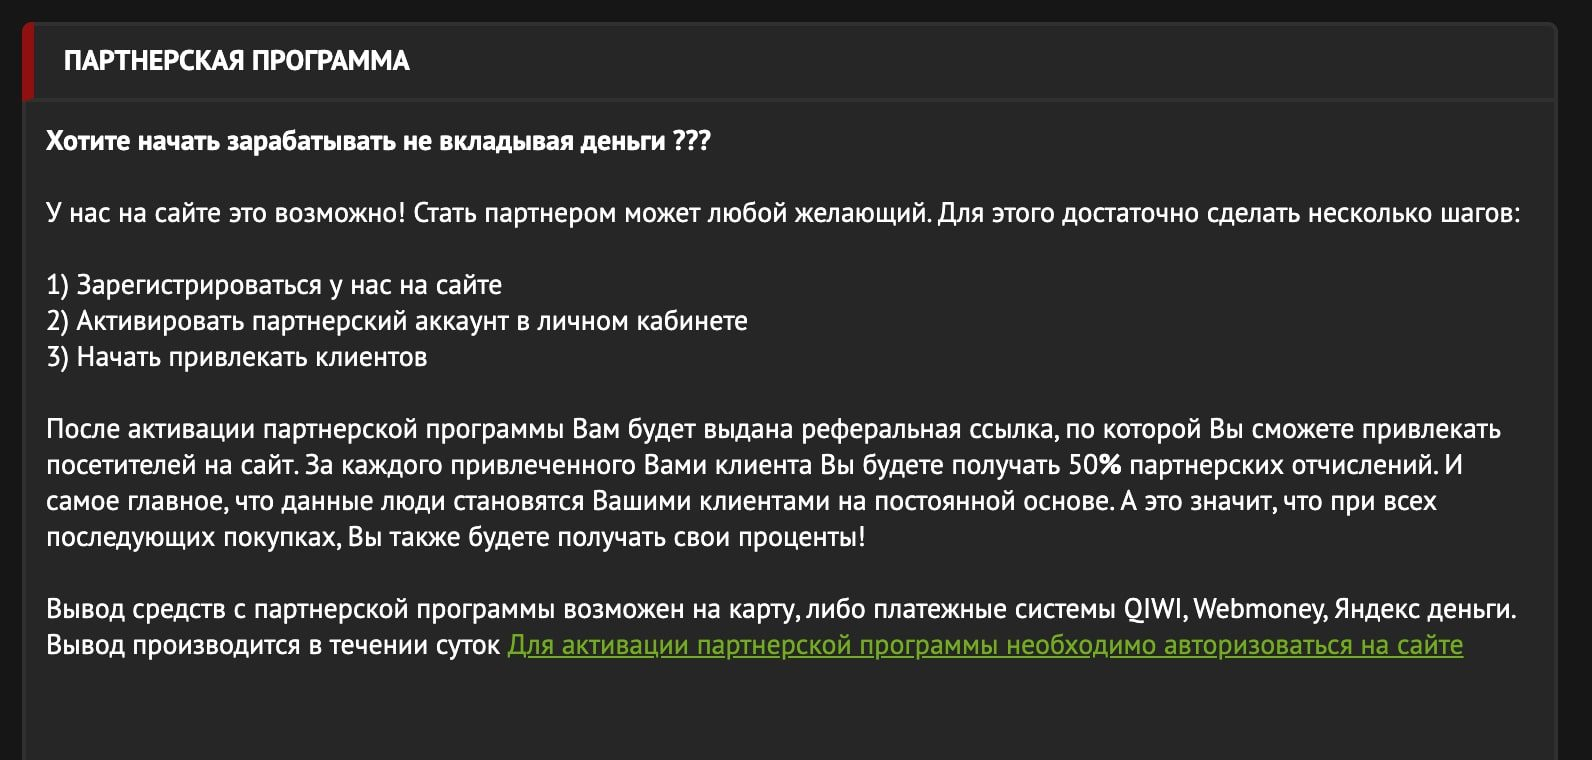 Партнерская программа на сайте Taimaut.ru